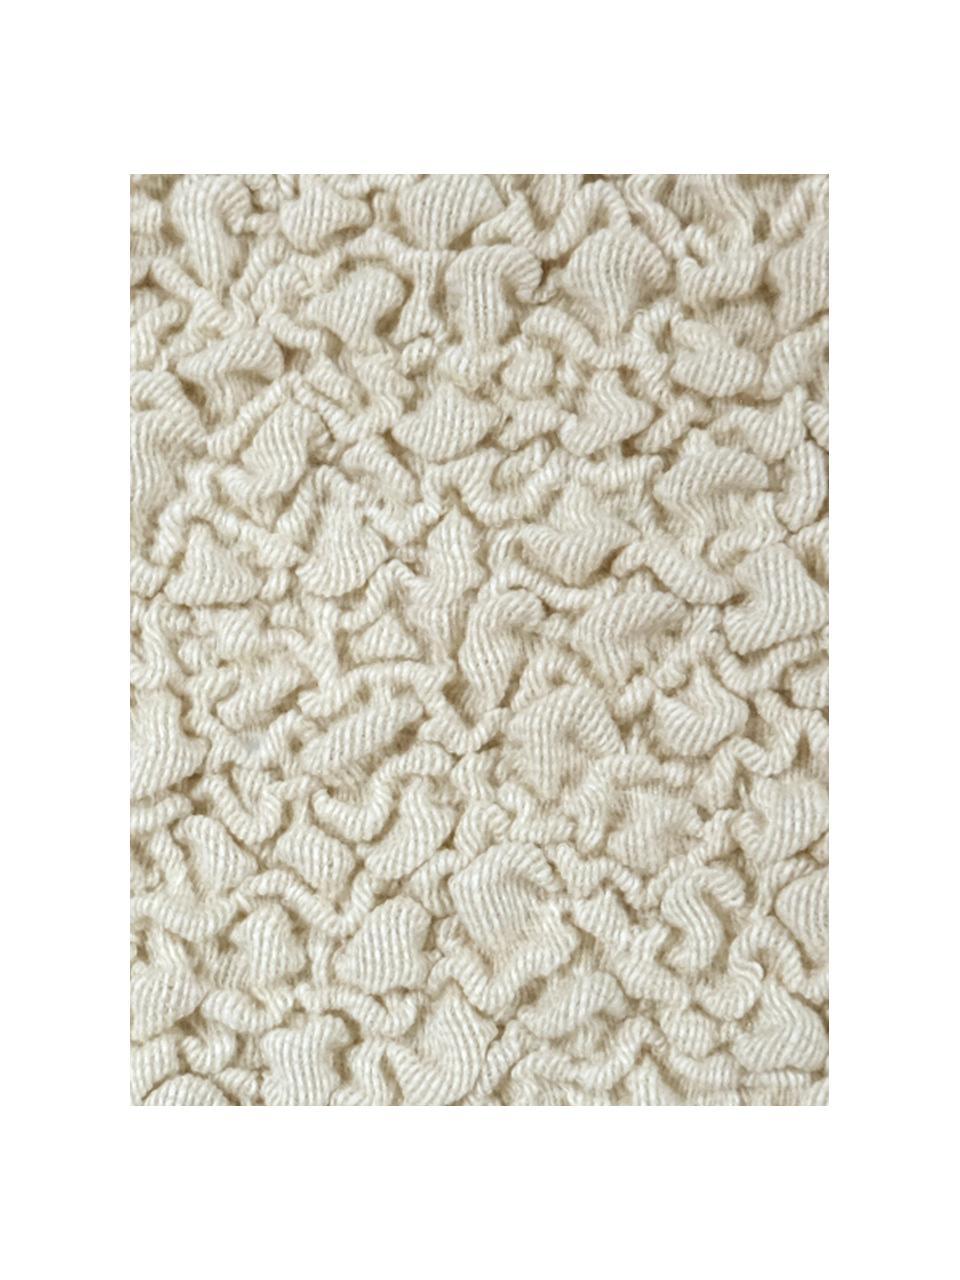 Pokrowiec na sofę Roc, 55% poliester, 35% bawełna, 10% elastomer, Odcienie kremowego, S 200 x W 120 cm